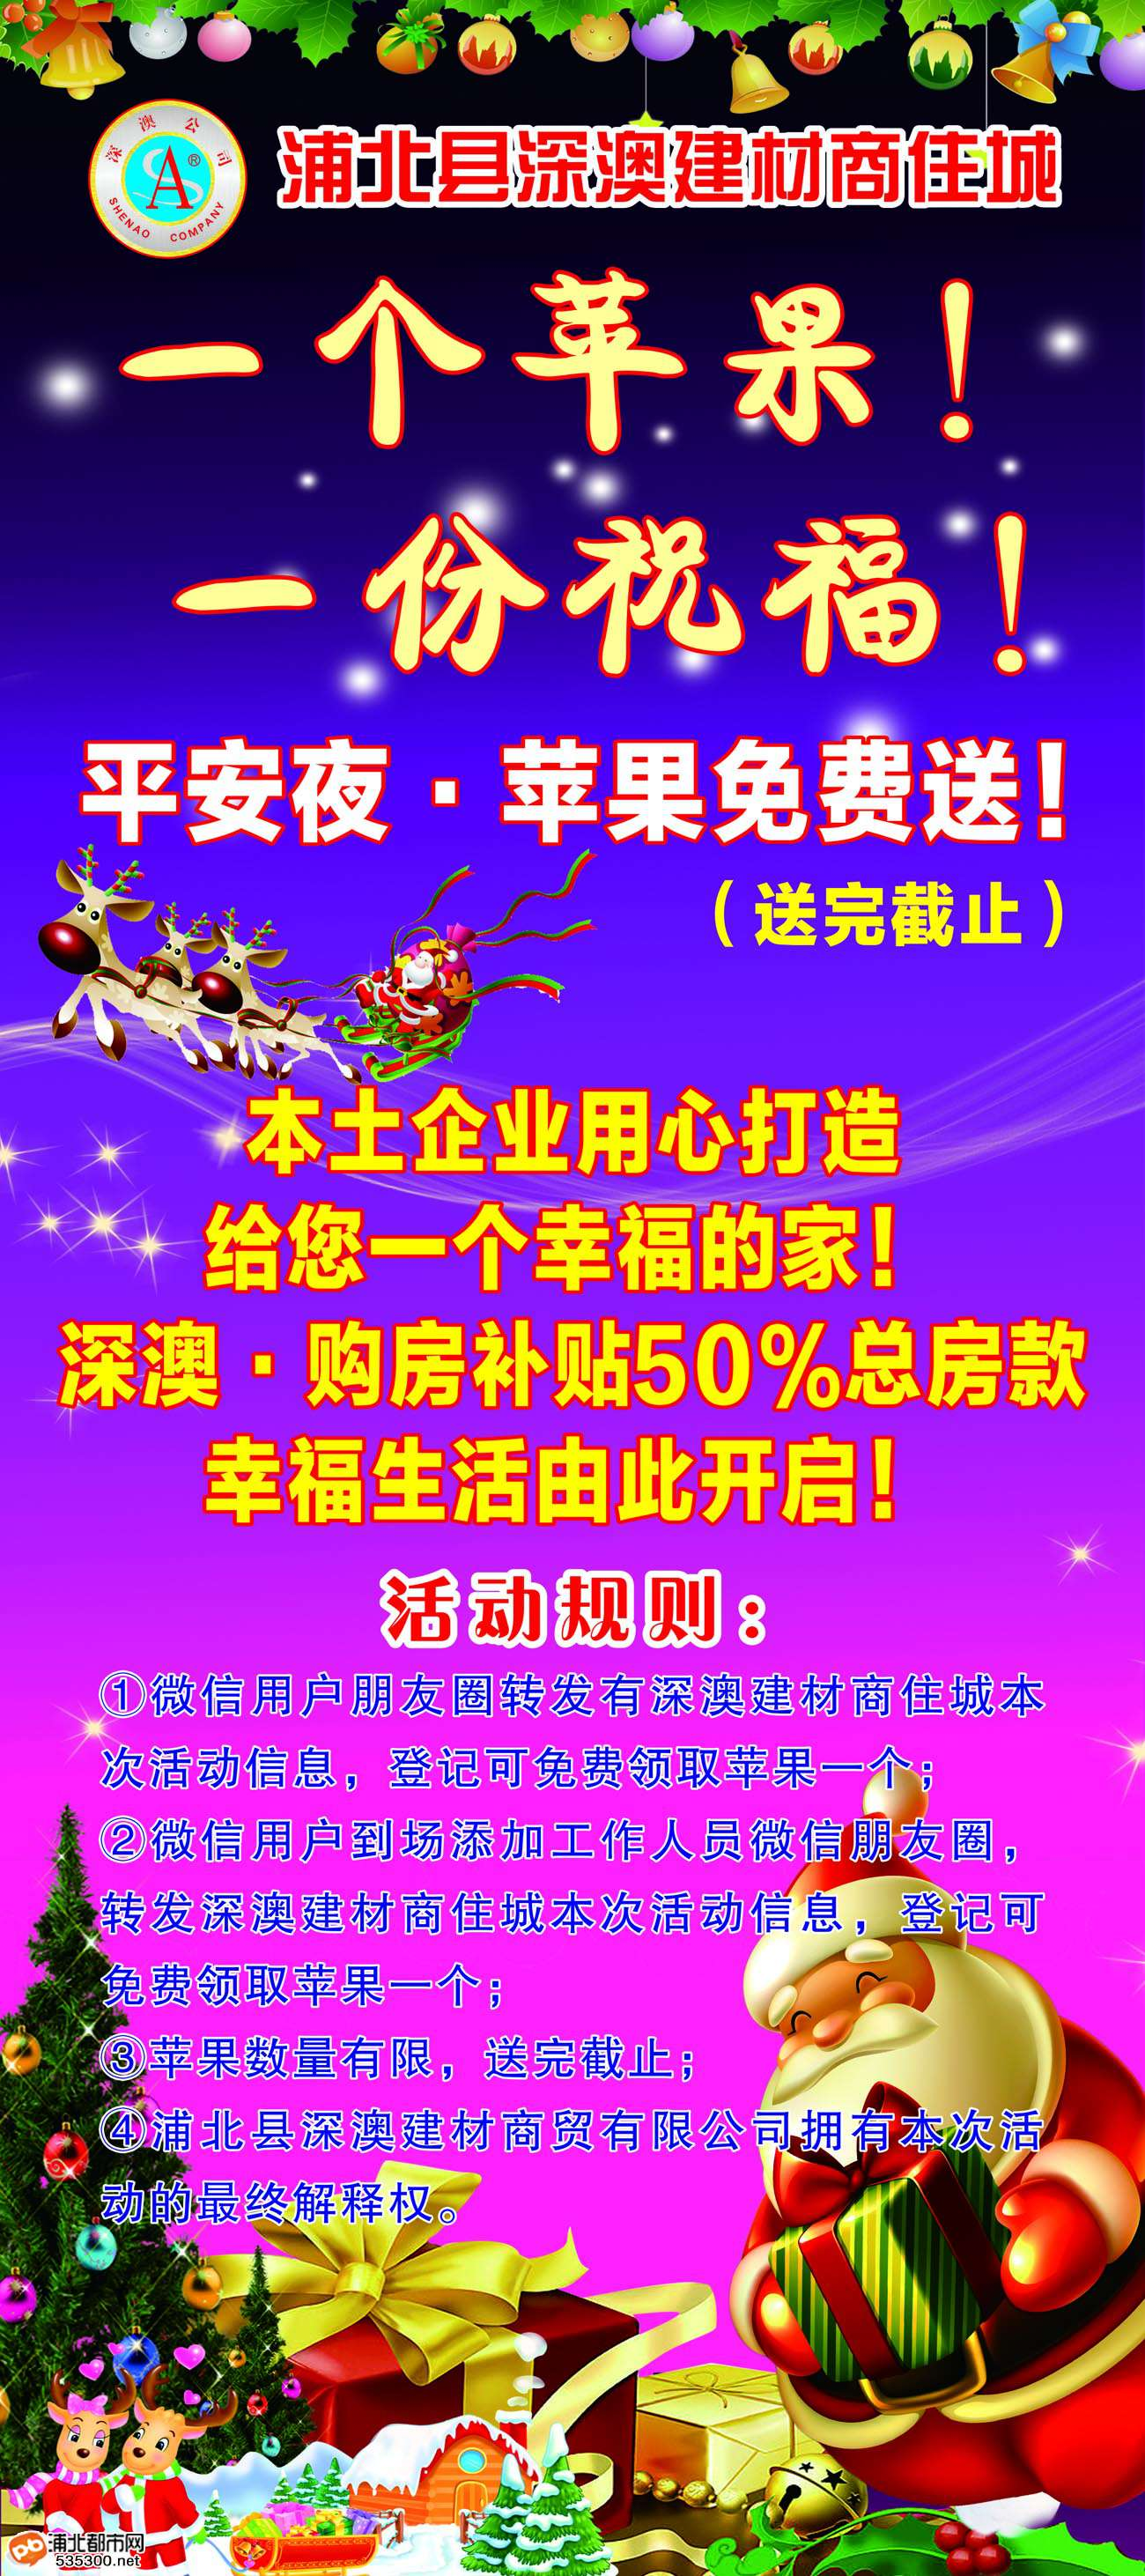 """""""平安夜""""深澳全城免费送苹果!""""百只金鸡""""贺元旦!"""